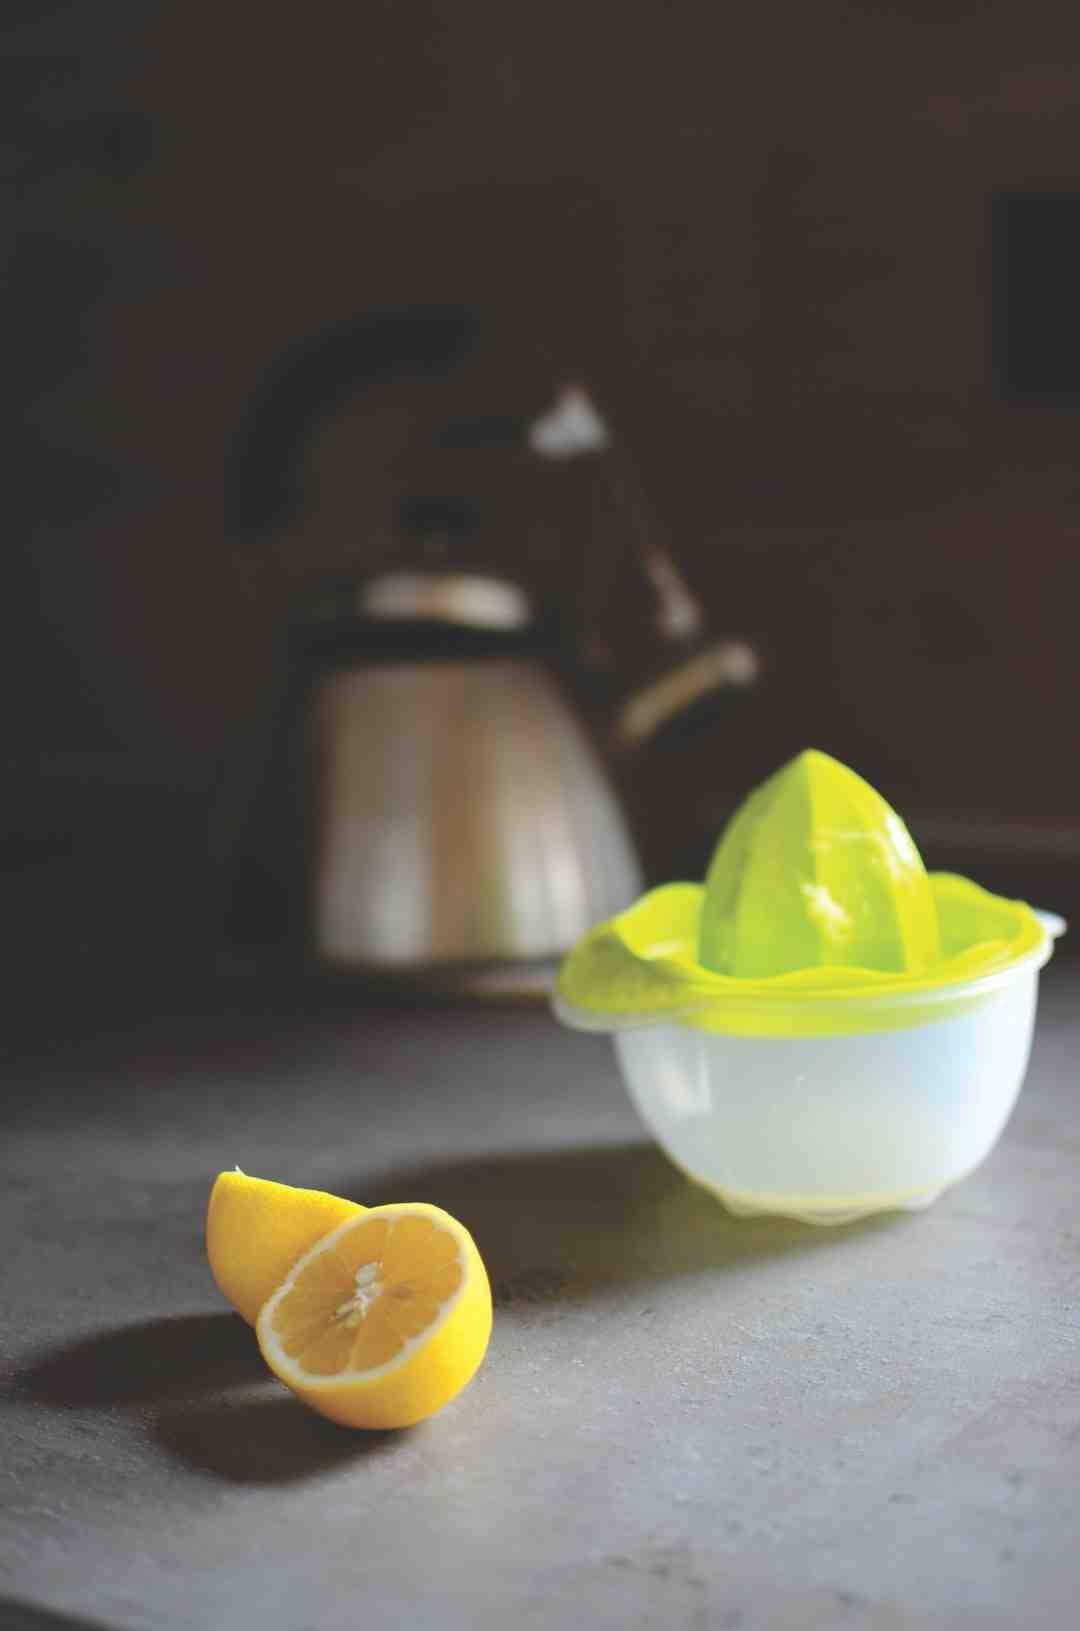 Comment recharger son portable avec un citron ?